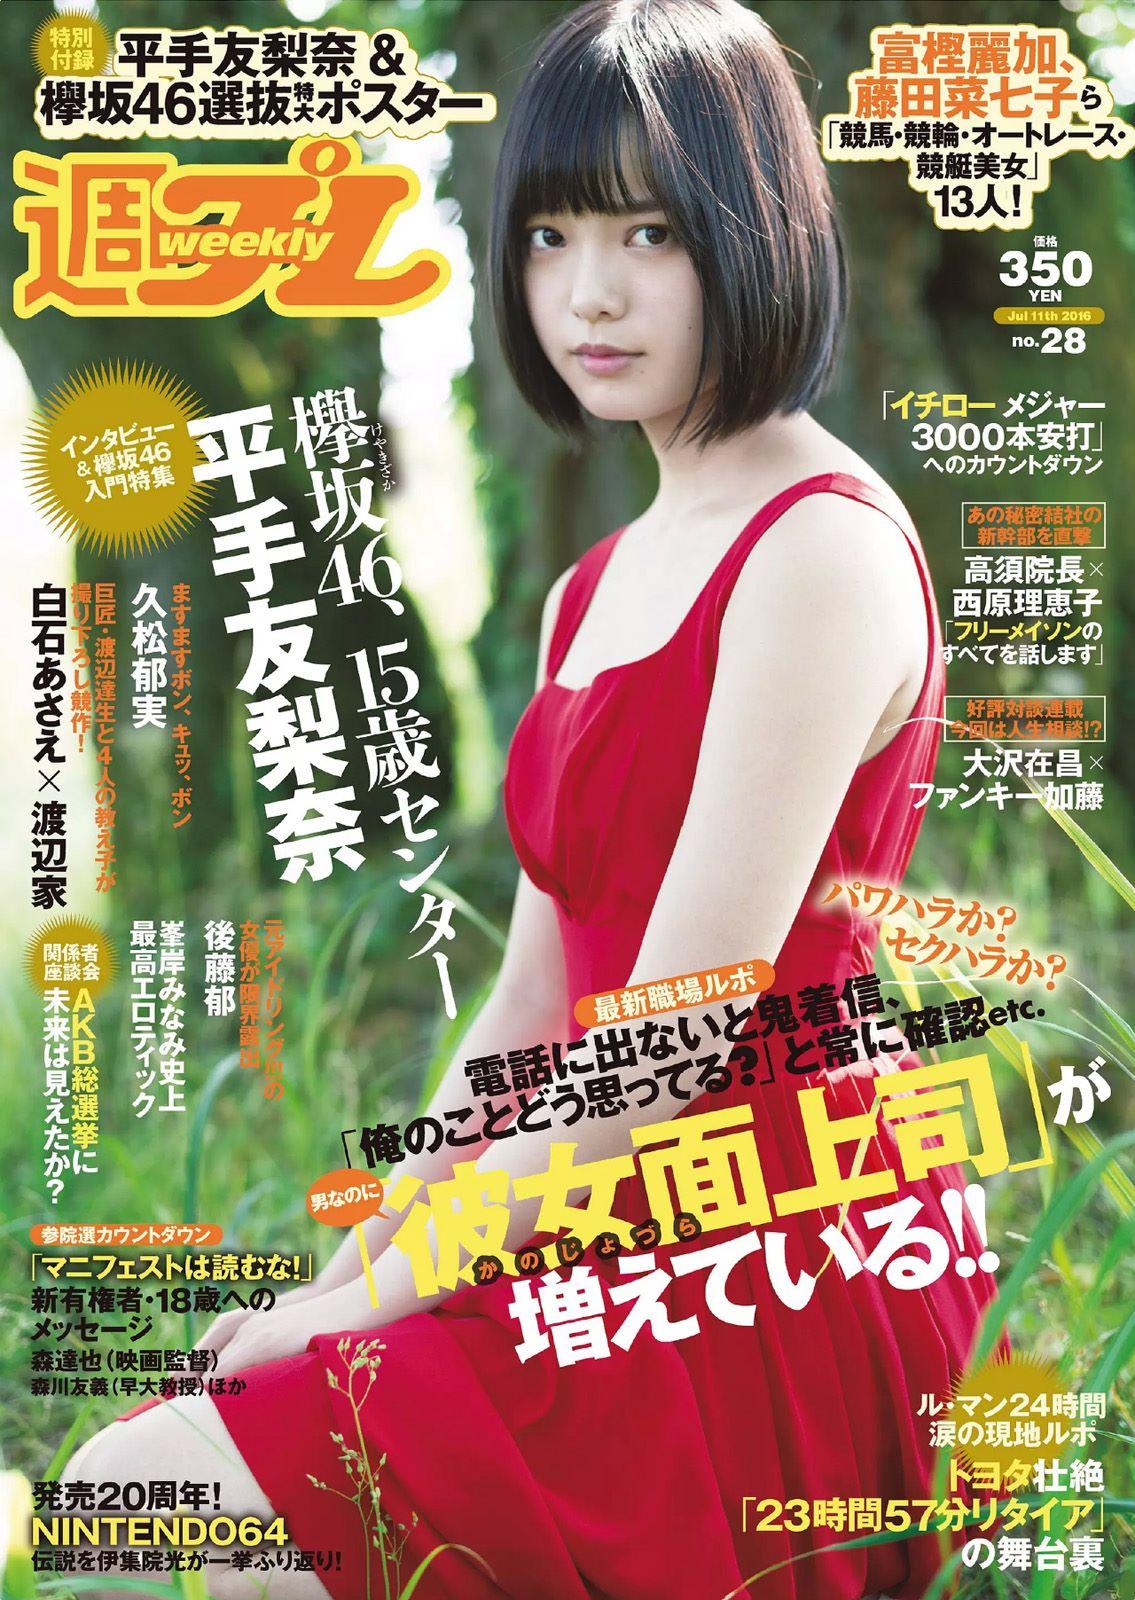 20170412.0203.3 Weekly Playboy (2016.28) 001 (JPOP.ru).jpg